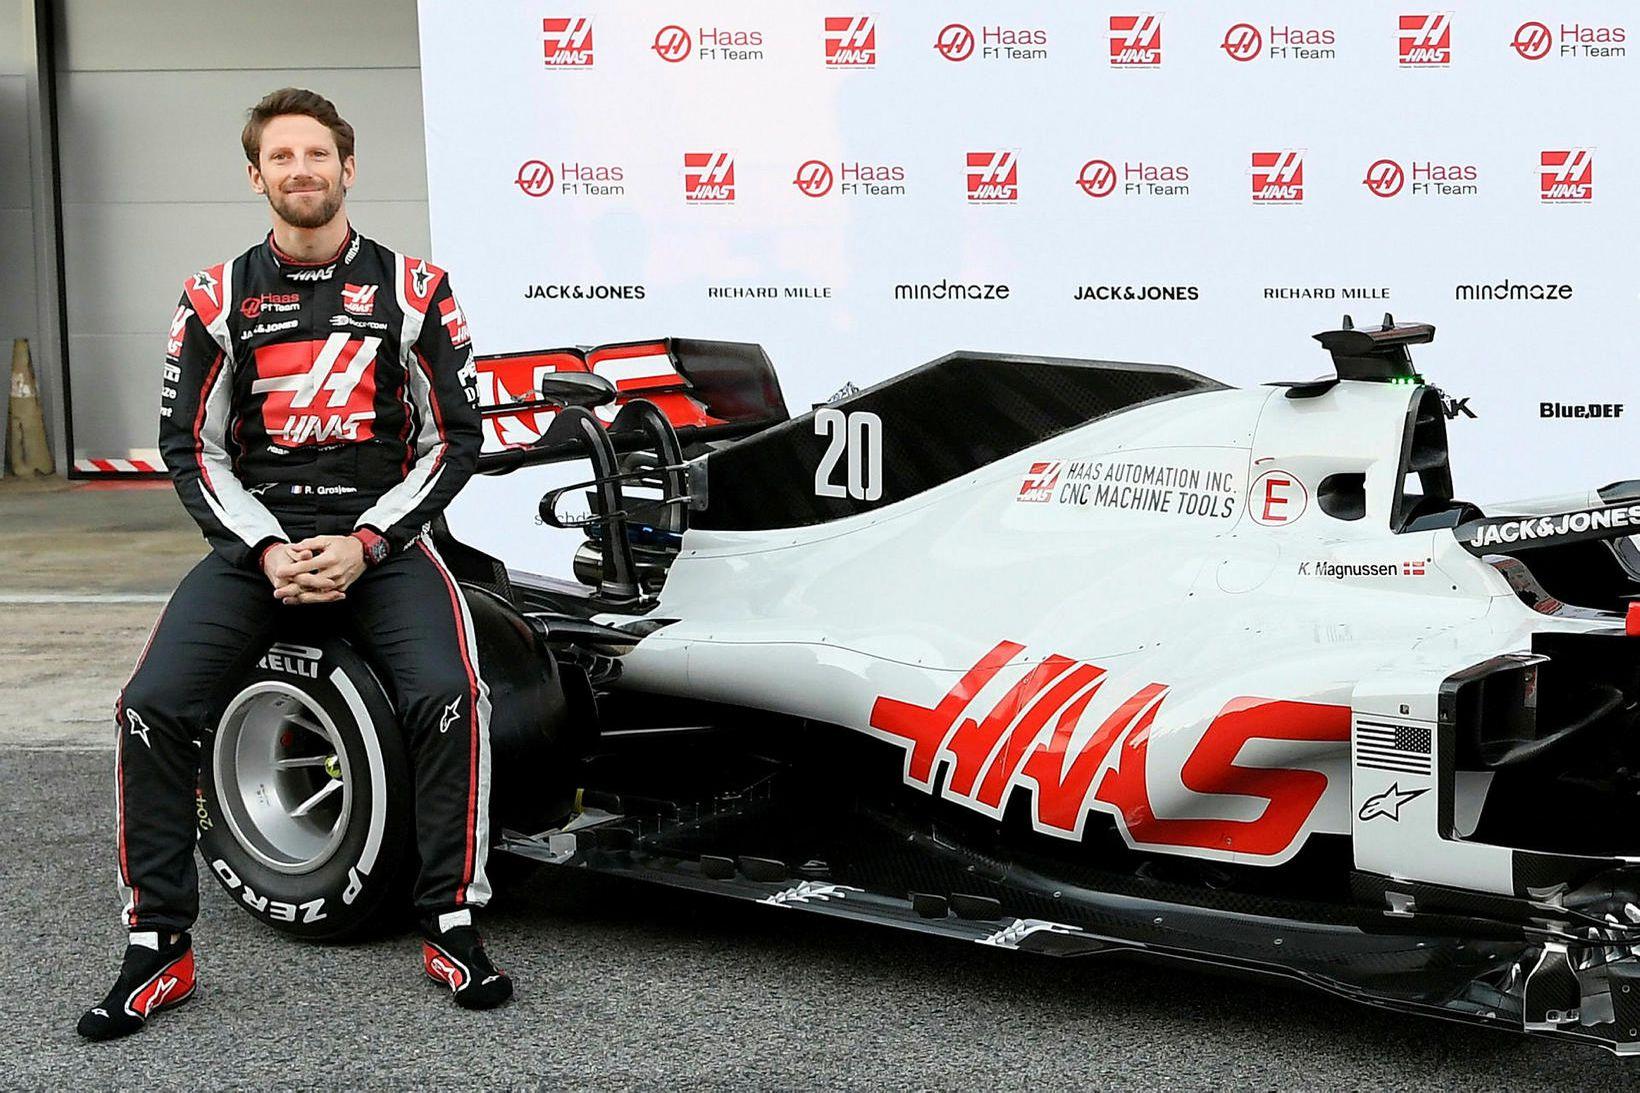 Romain Grosjean tekur á sig kjaraskerðingu vegna kórónuveirunnar sem sett …